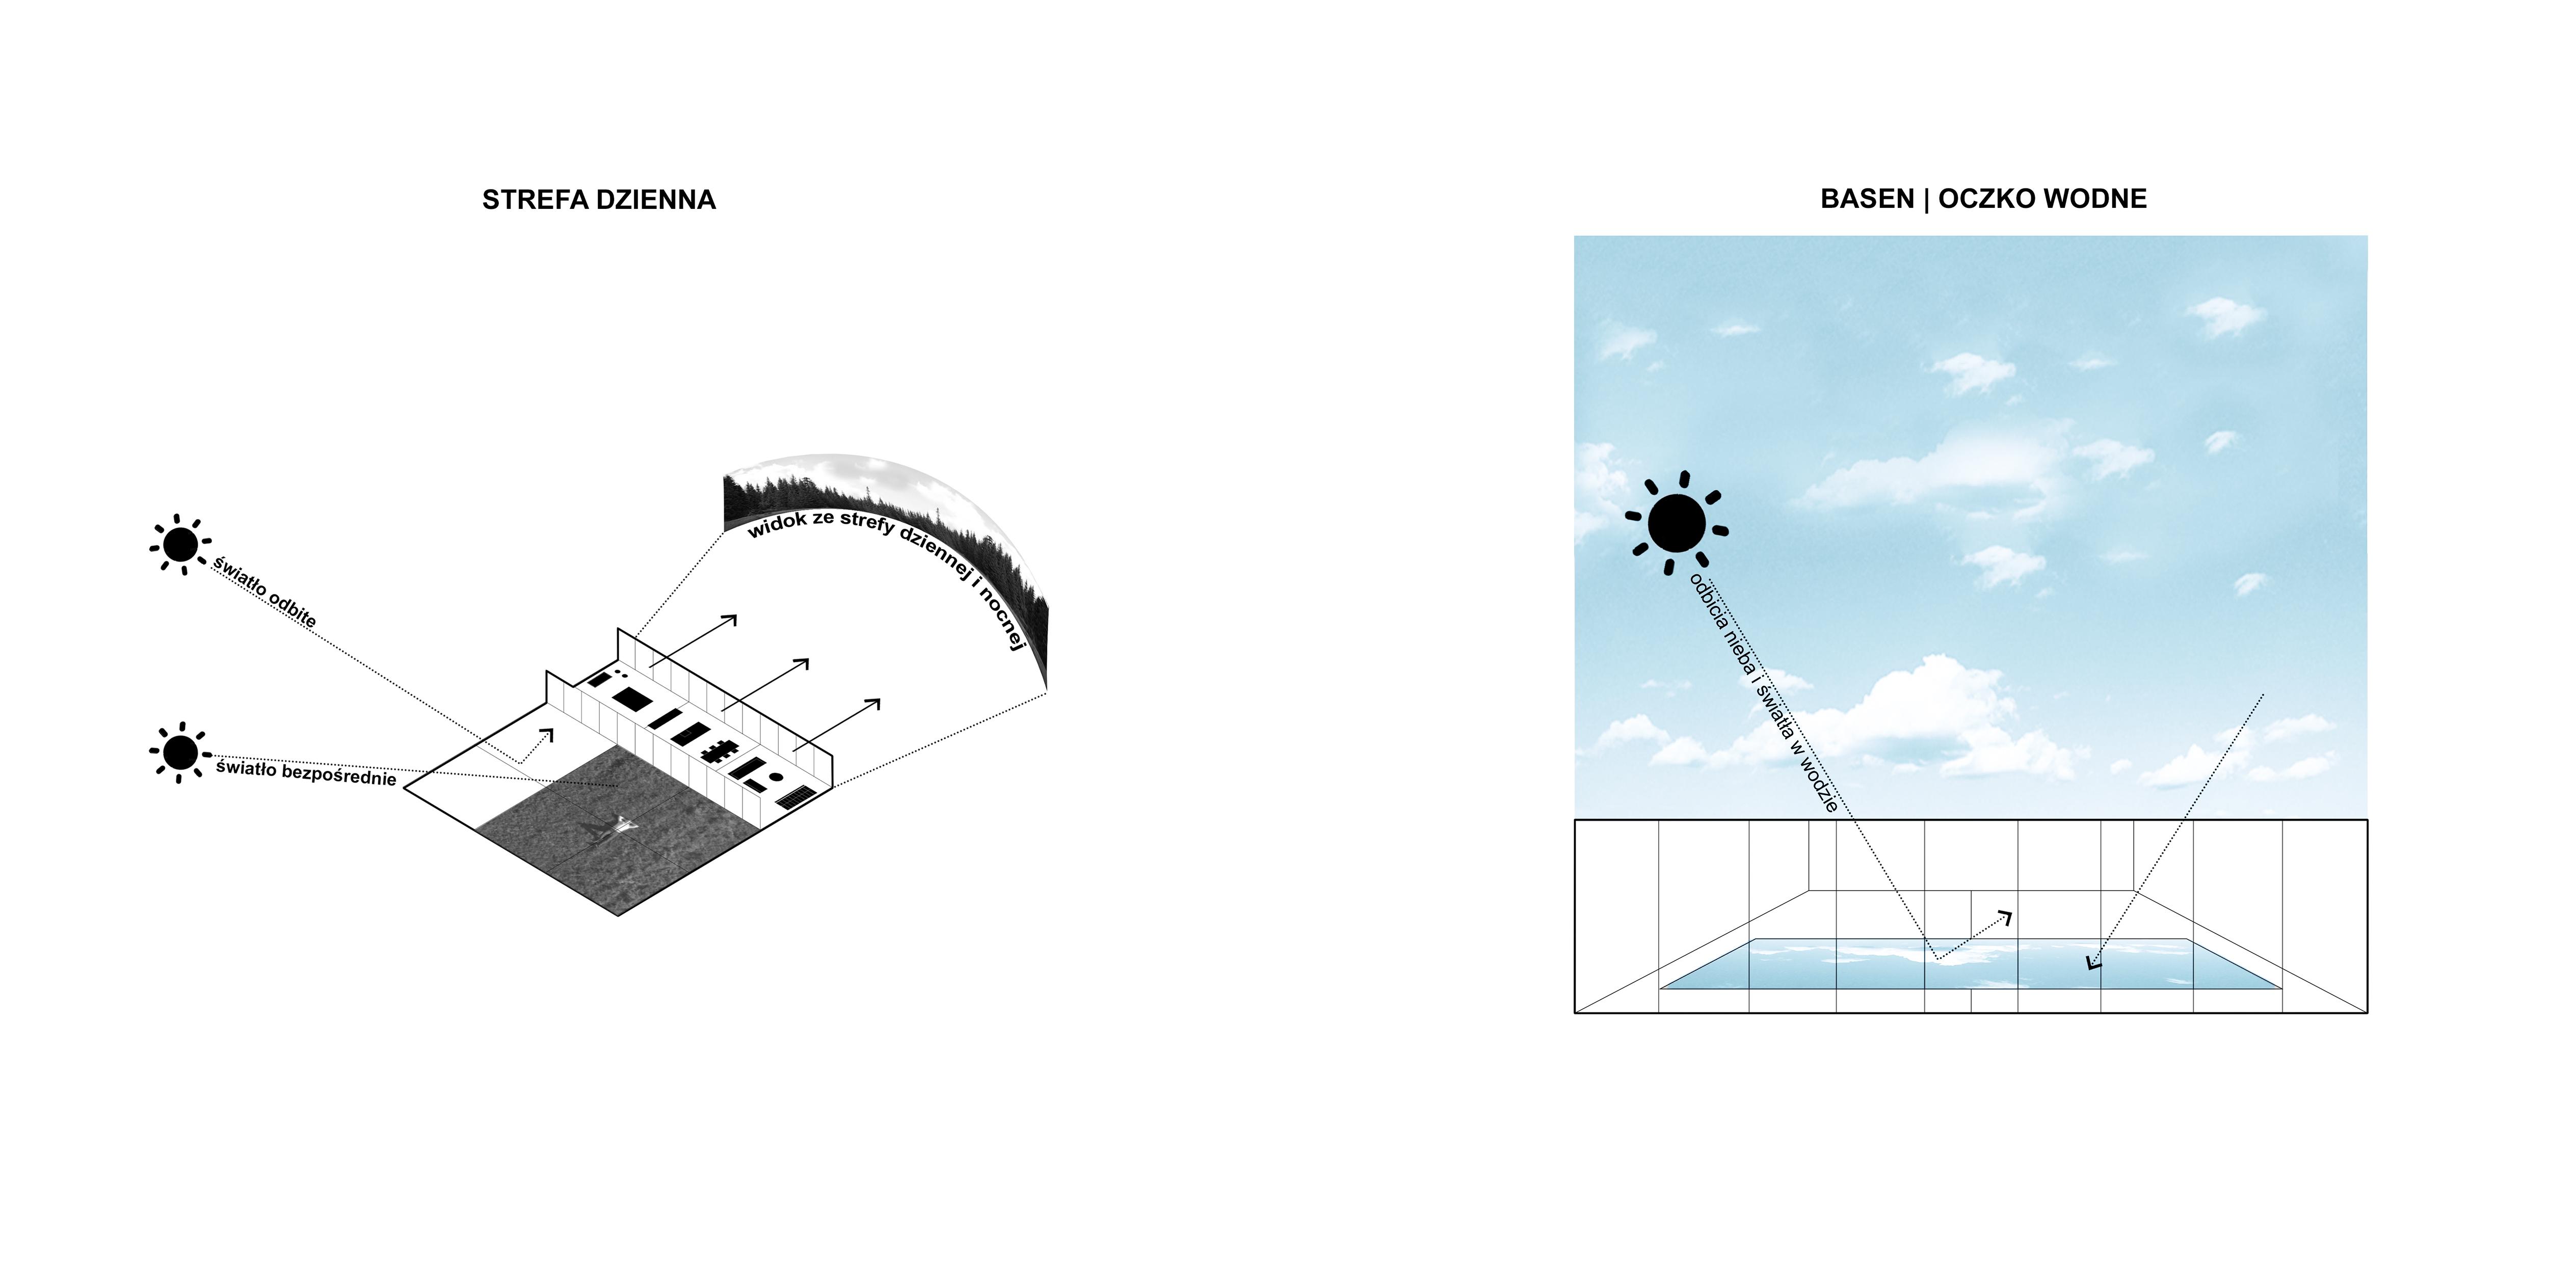 Forteca XS - Strefa dzienna, basen/oczko wodne